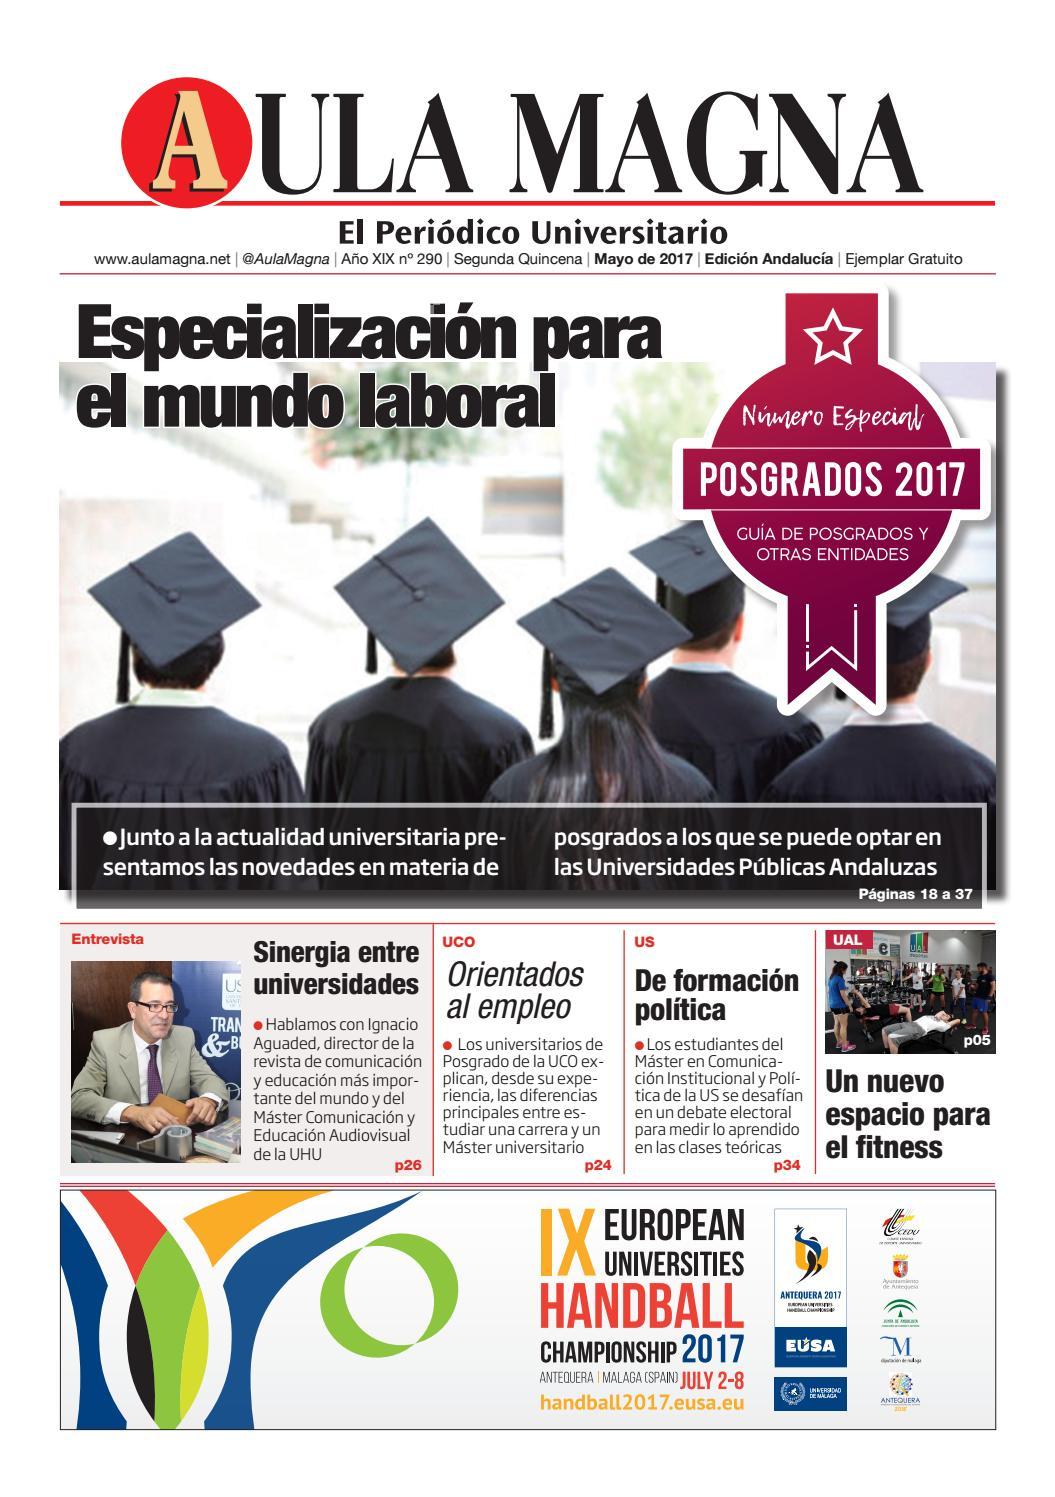 290 - Aula Magna - Edición Andalucía - POSGRADOS by Aula Magna - issuu